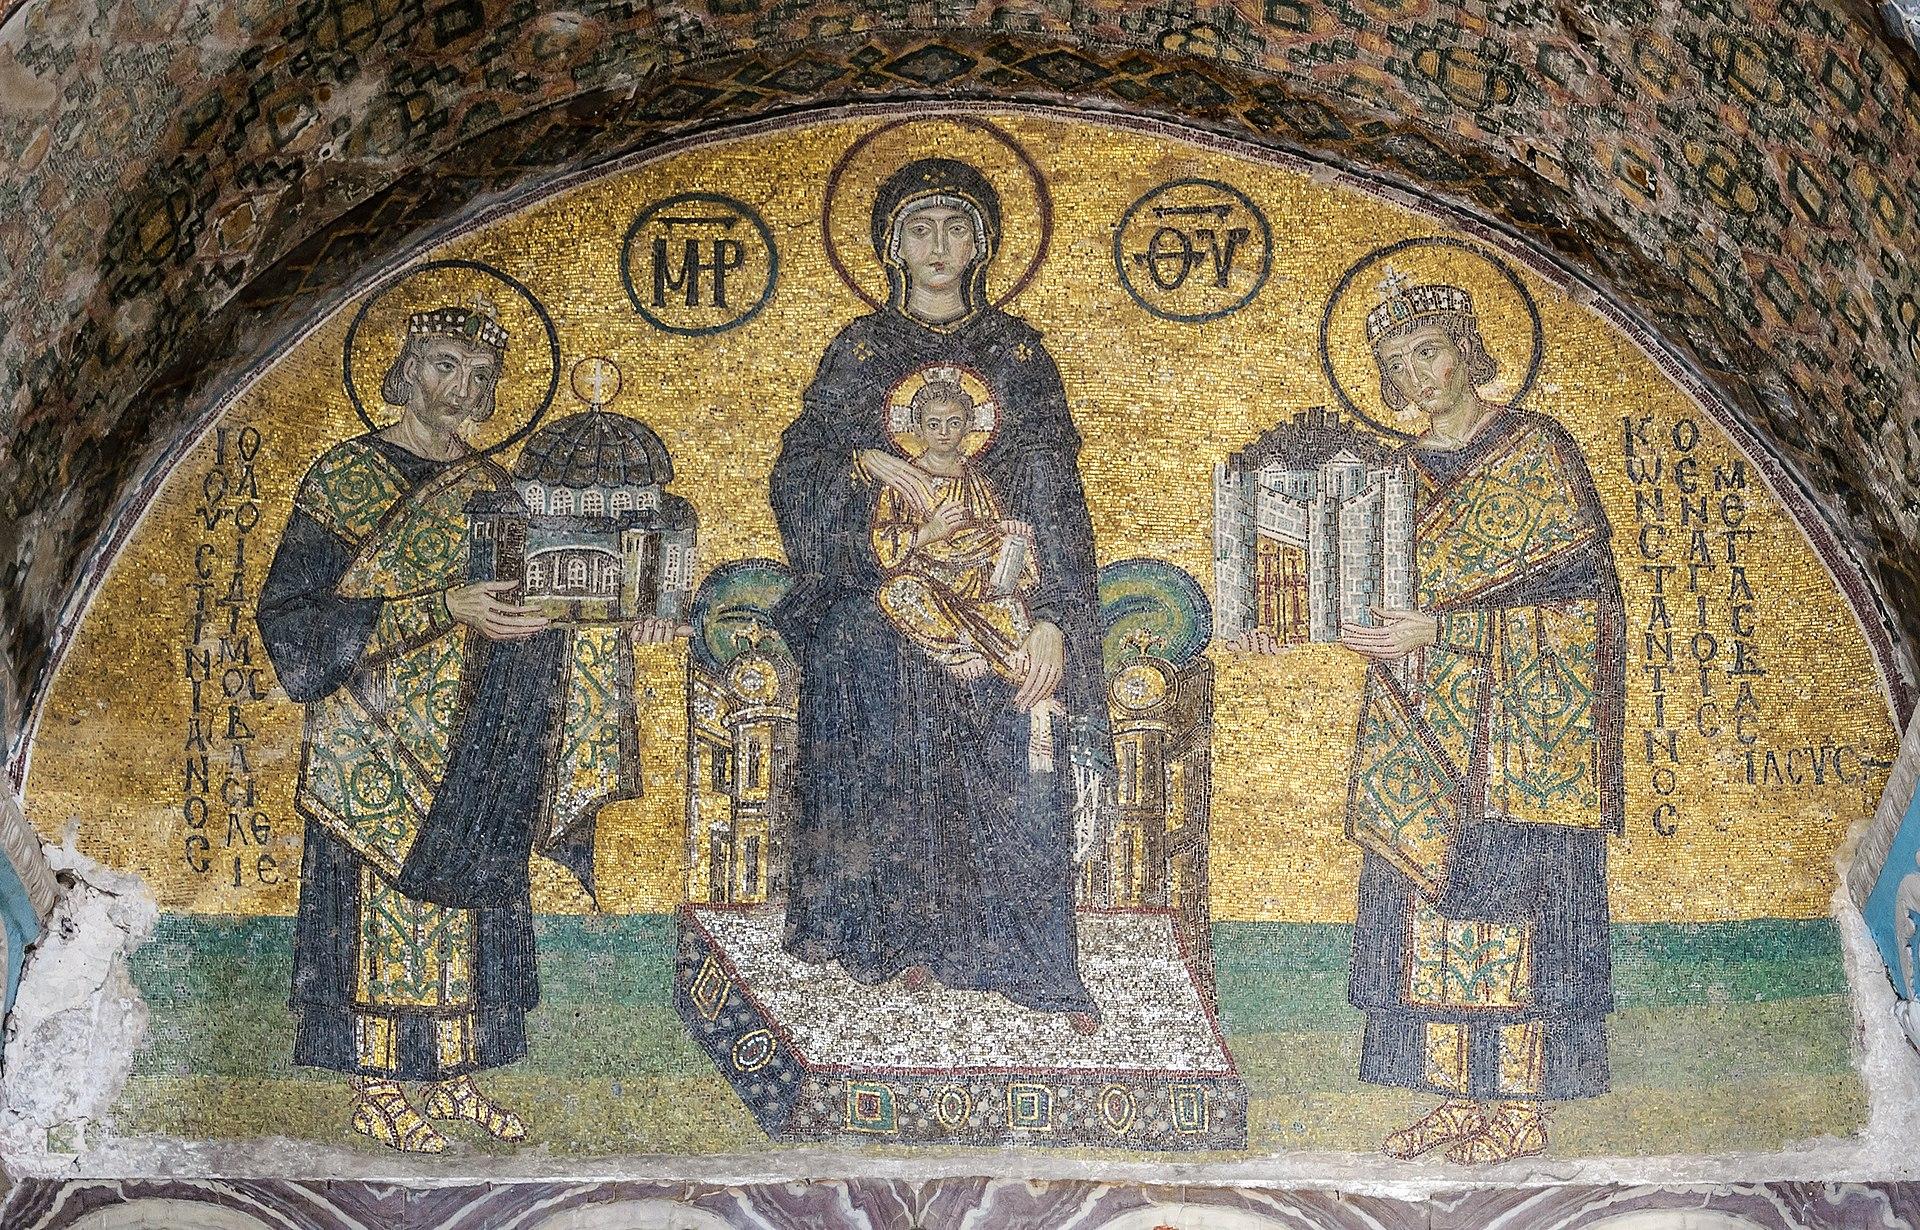 Hagia Sophia Southwestern entrance mosaics 2.jpg